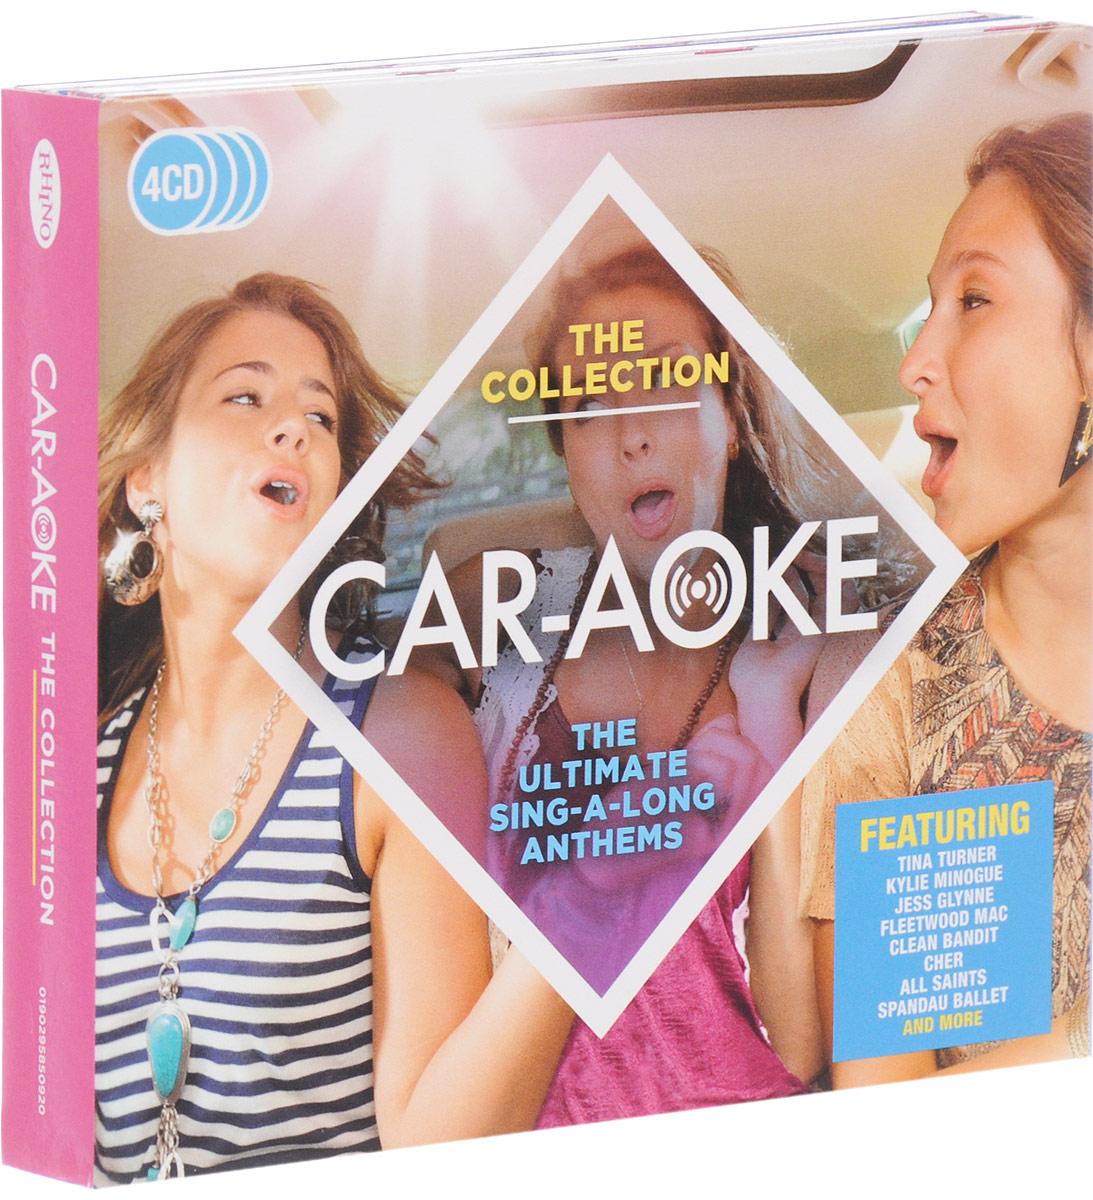 Фото - The B-52's,Fleetwood Mac,Kajagoogoo,Club Nouveau,Арета Фрэнклин,Отис Реддинг,The Animals,The Hollies,Кайли Миноуг,Гнарлс Баркли,The Darkness,Joy Division,Даниэль Паутер,Джейсон Мрэз,Cee Lo Green, Cee-Lo Green,The Proclaimers Car-Aoke. The Collection (4 CD) кайли миноуг kylie minogue aphrodite cd dvd